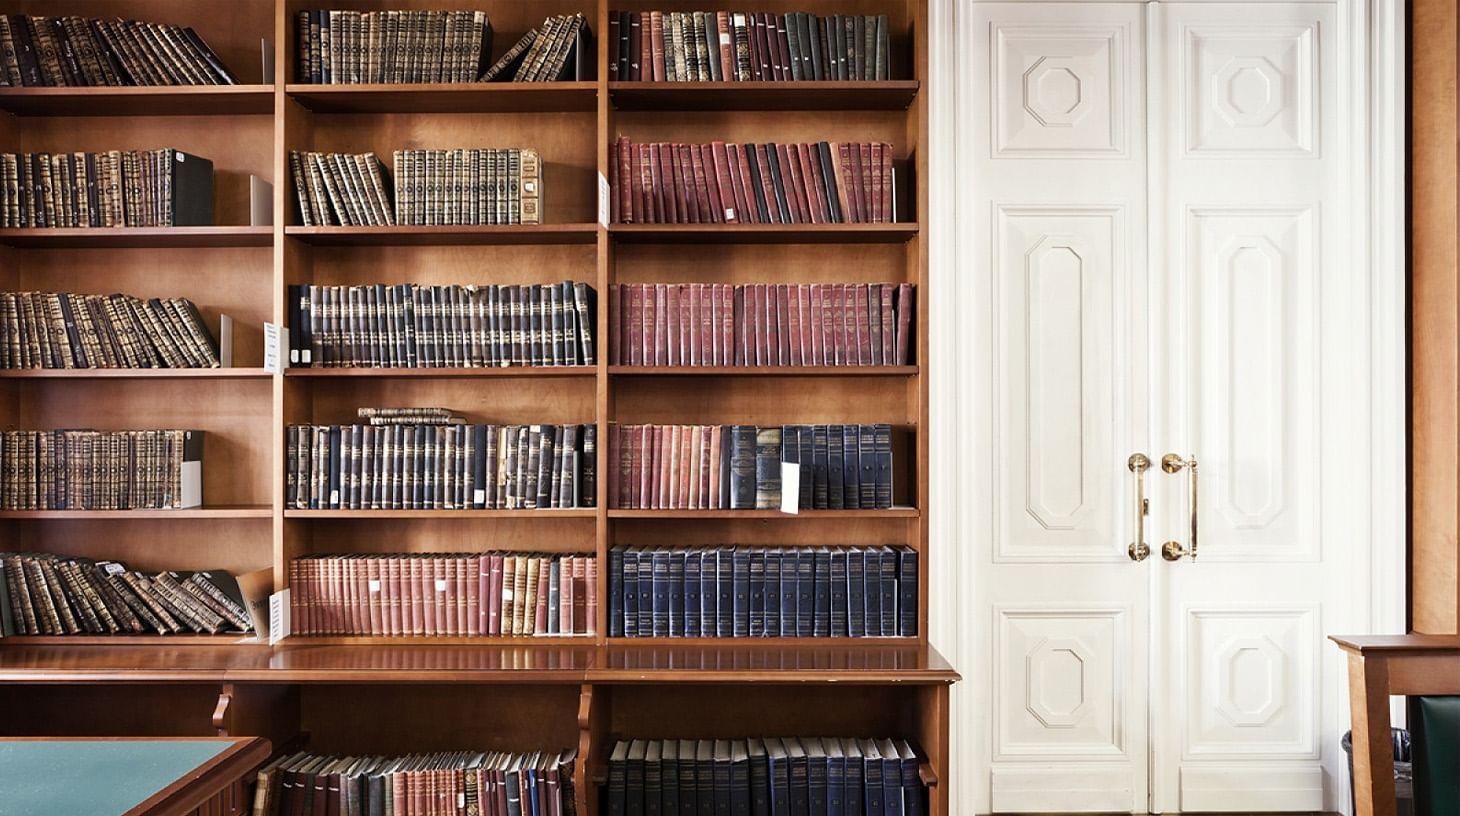 Дома с историей и книгами